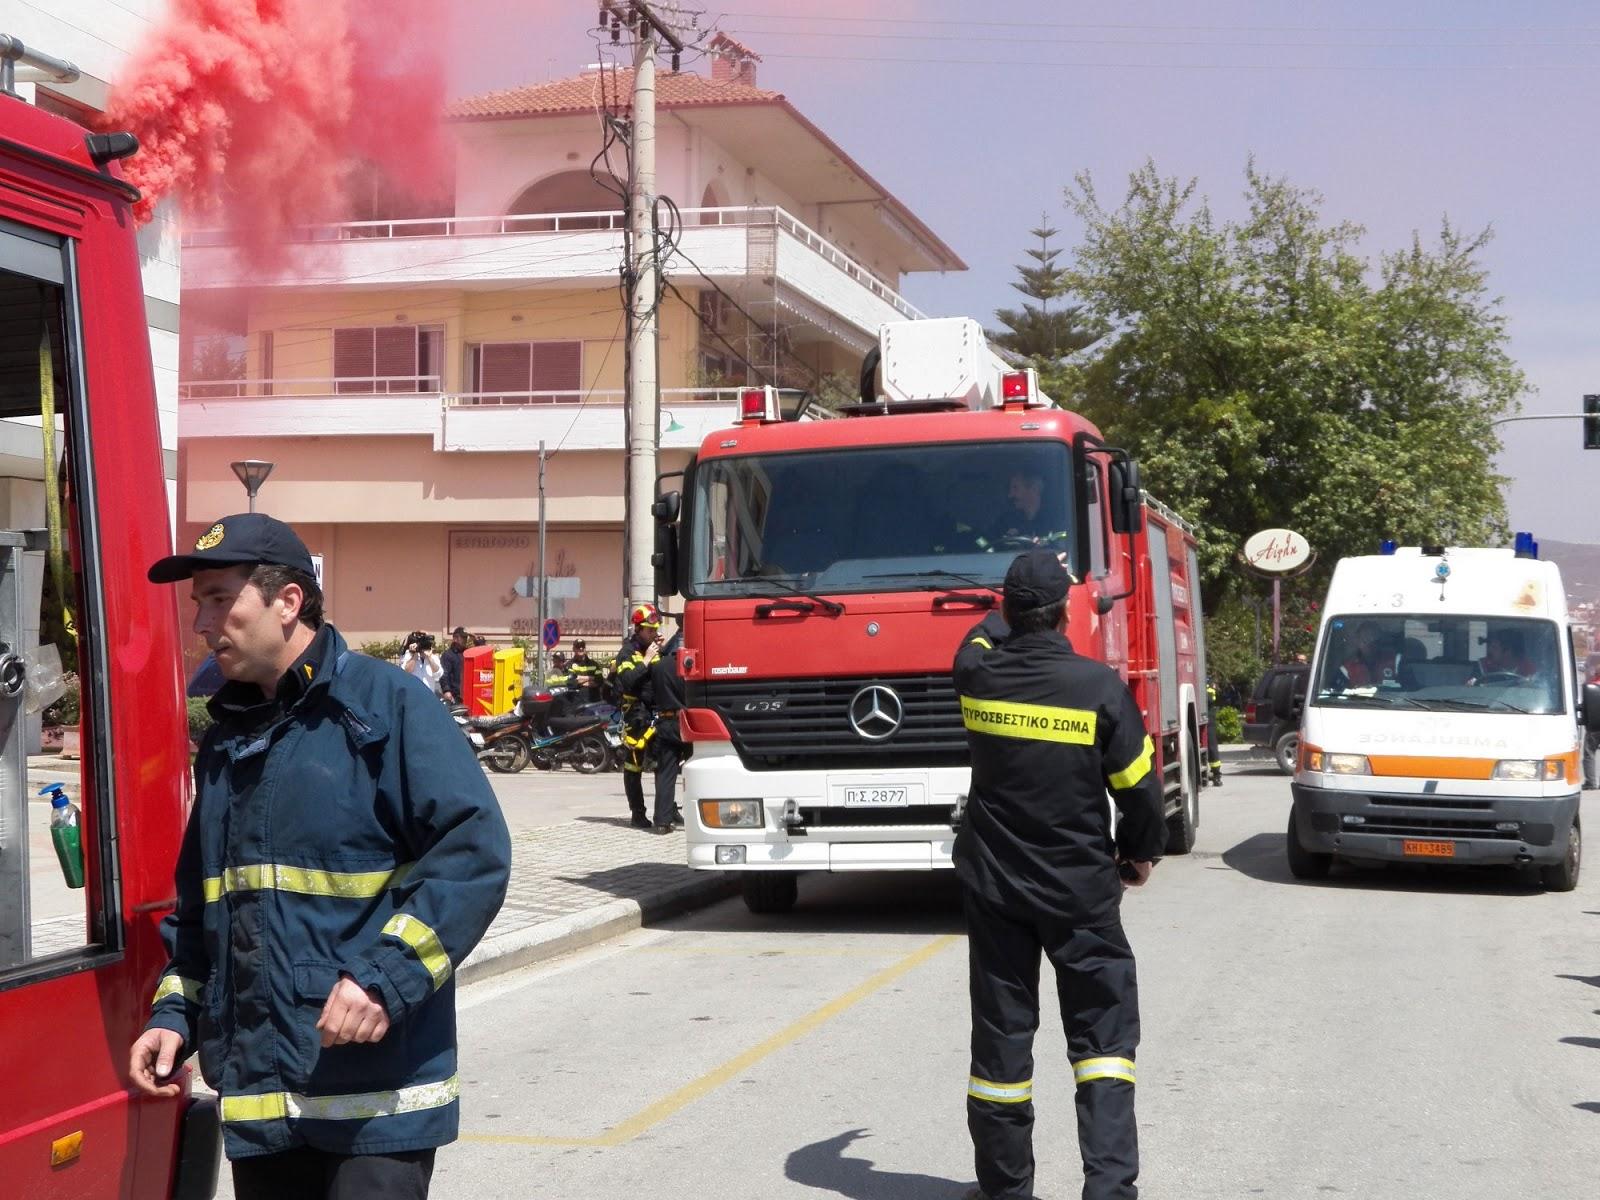 Σοβαρά προβλήματα στις Πυροσβεστικές Υπηρεσίες της Κοζάνης, Γρεβενών, Φλώρινας και Καστοριάς